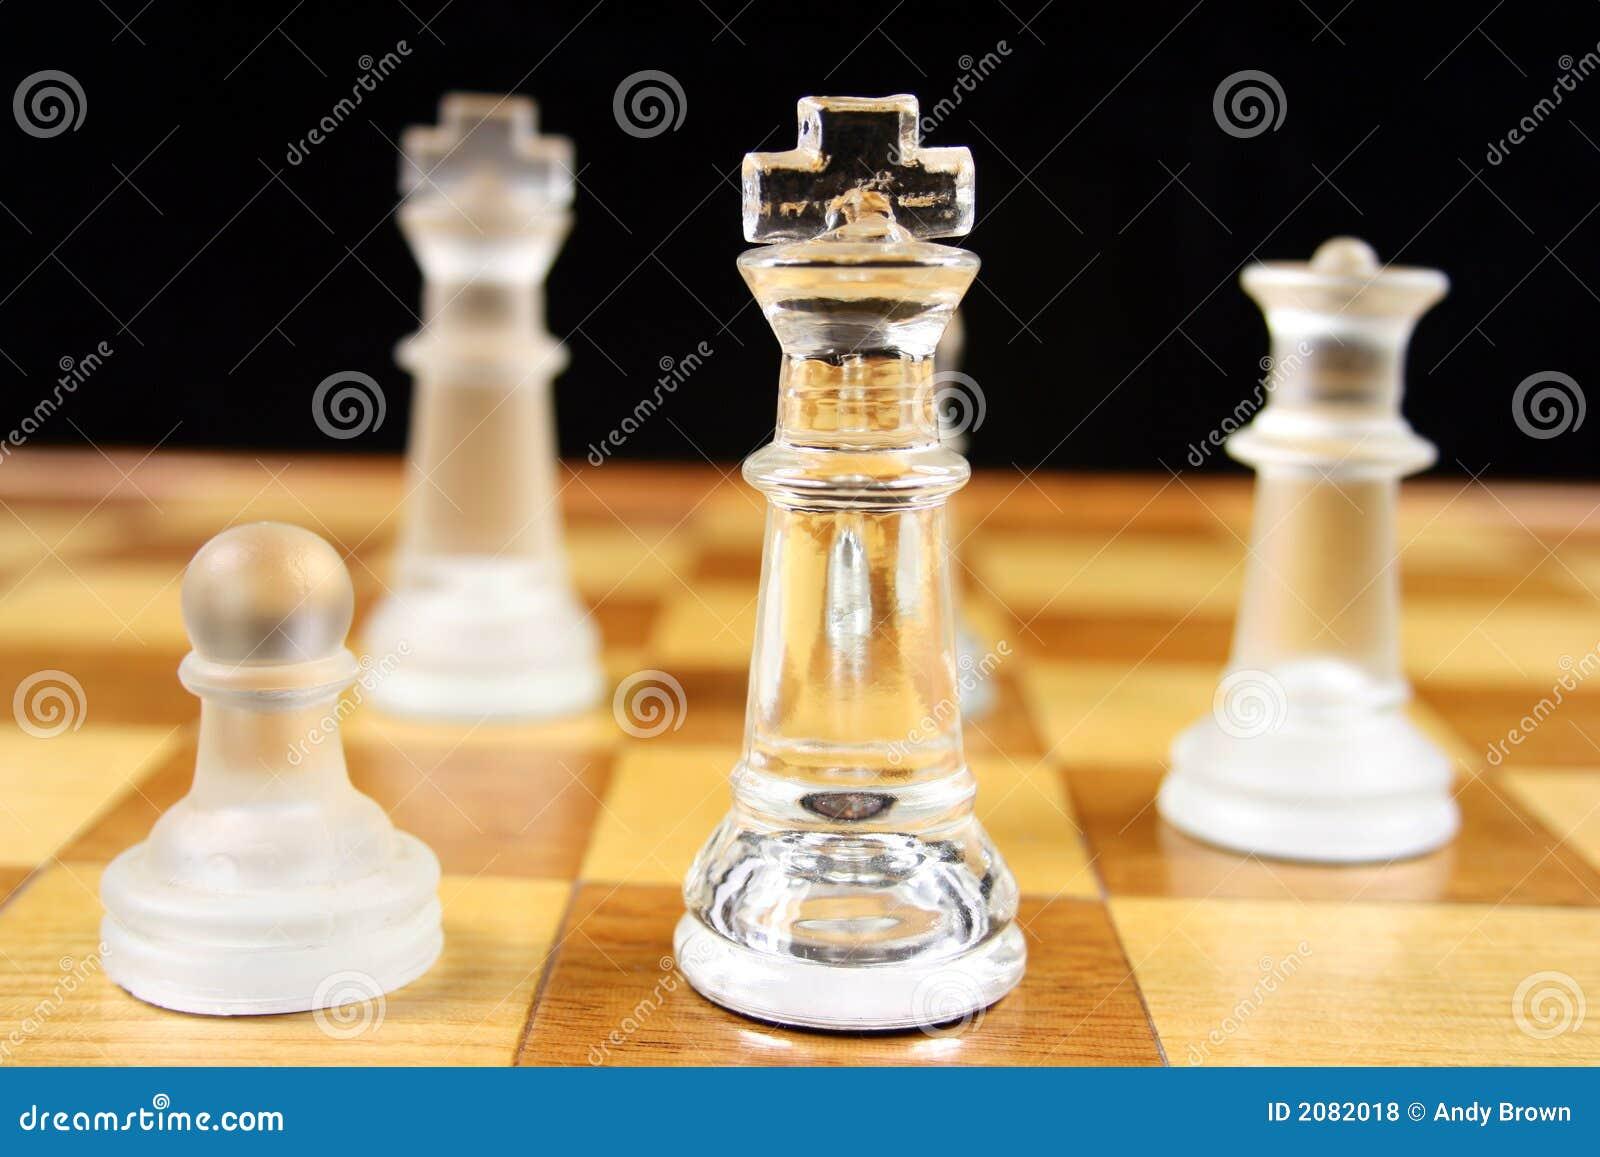 Juego de ajedrez - foco en el rey 2